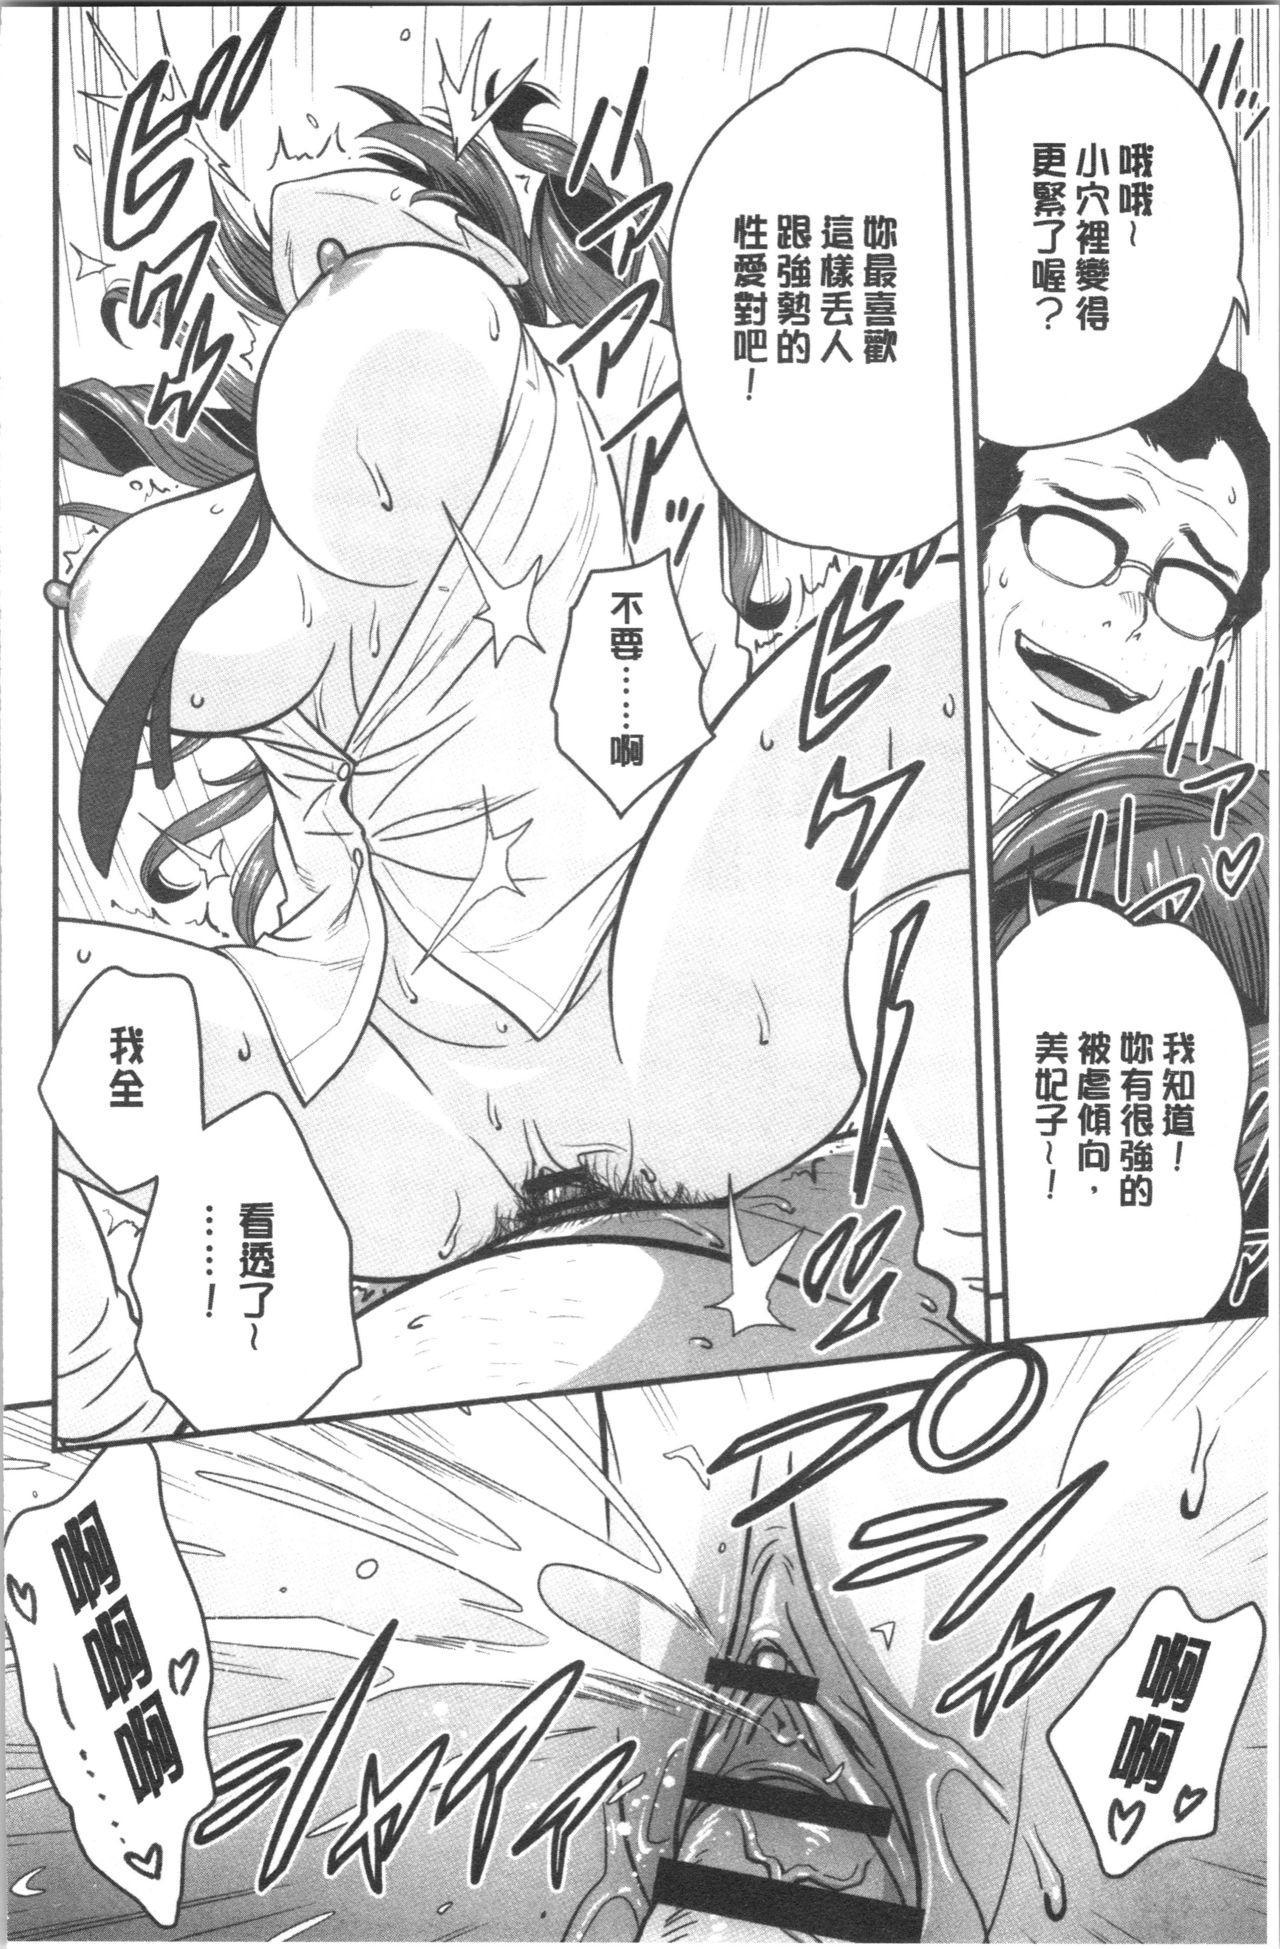 [Tatsunami Youtoku] Dankon Sousai -Hitozuma Kyoushi ga Netorareru made no Kiroku- | 男根想妻 -人妻女教師被寢取偷吃為止的記錄- [Chinese] 196